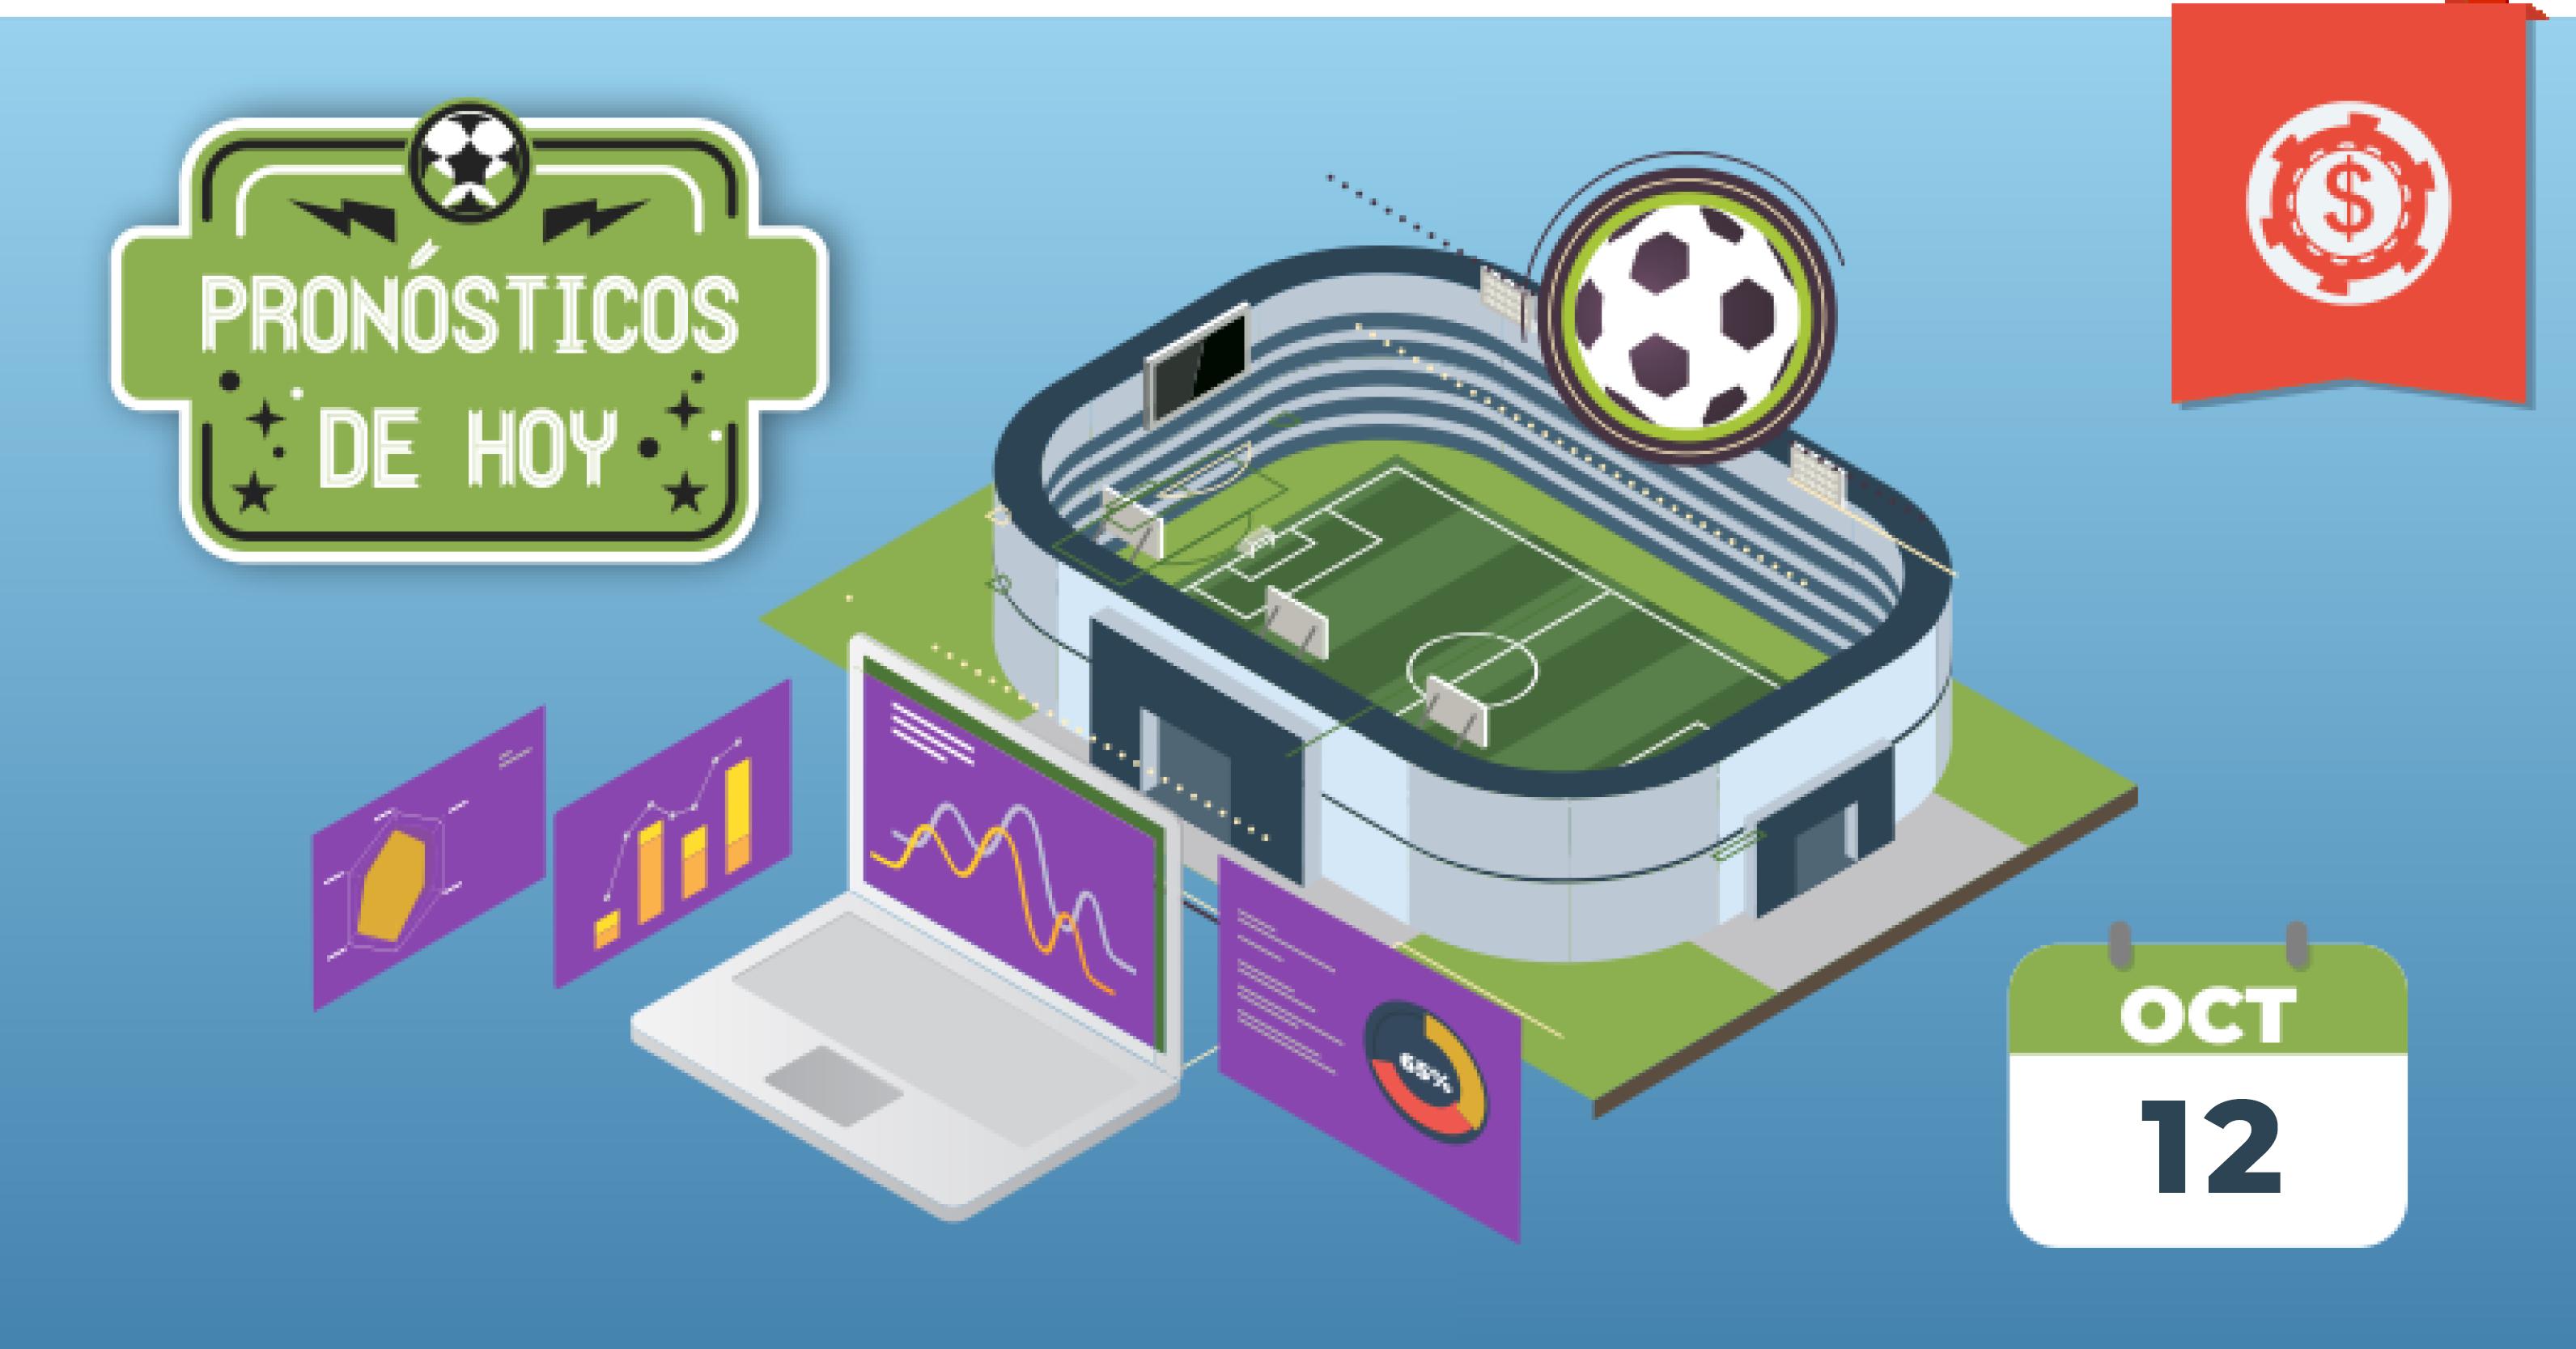 pronosticos-futbol-hoy-predicciones-12-octubre-2019